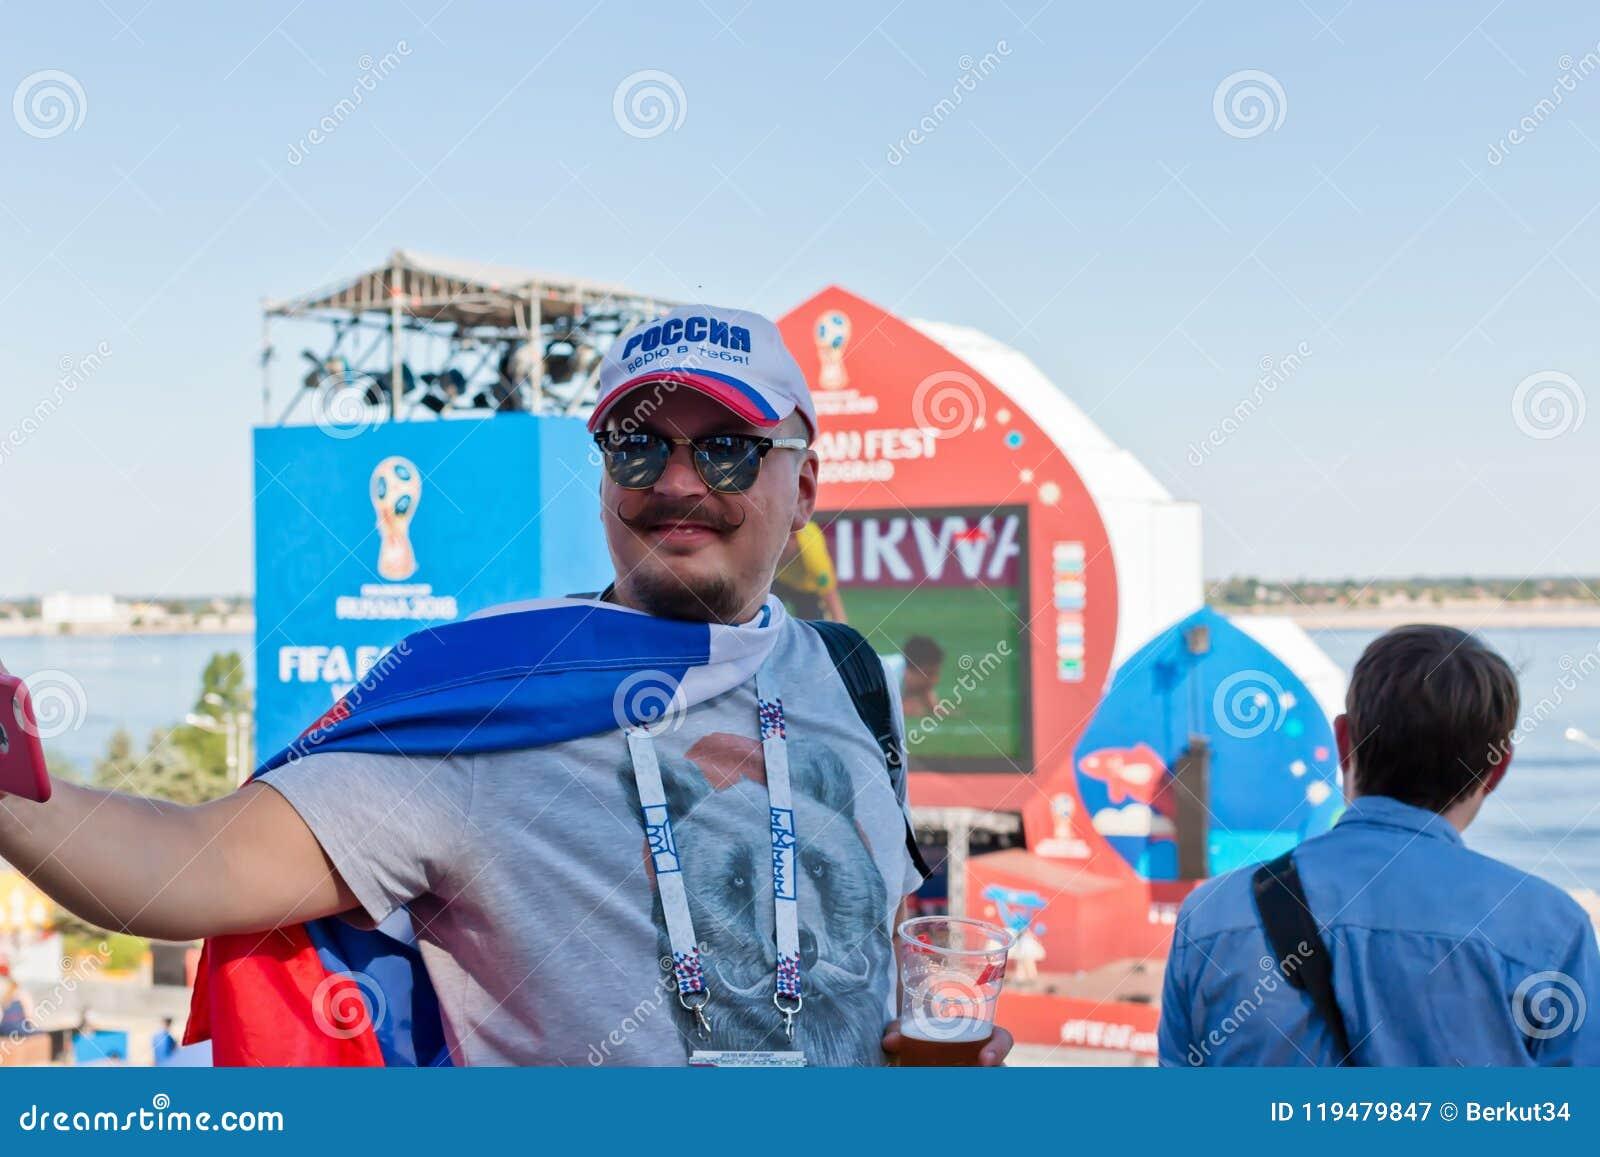 Fan Rosyjski drużyna narodowa. w baseball nakrętce z ins